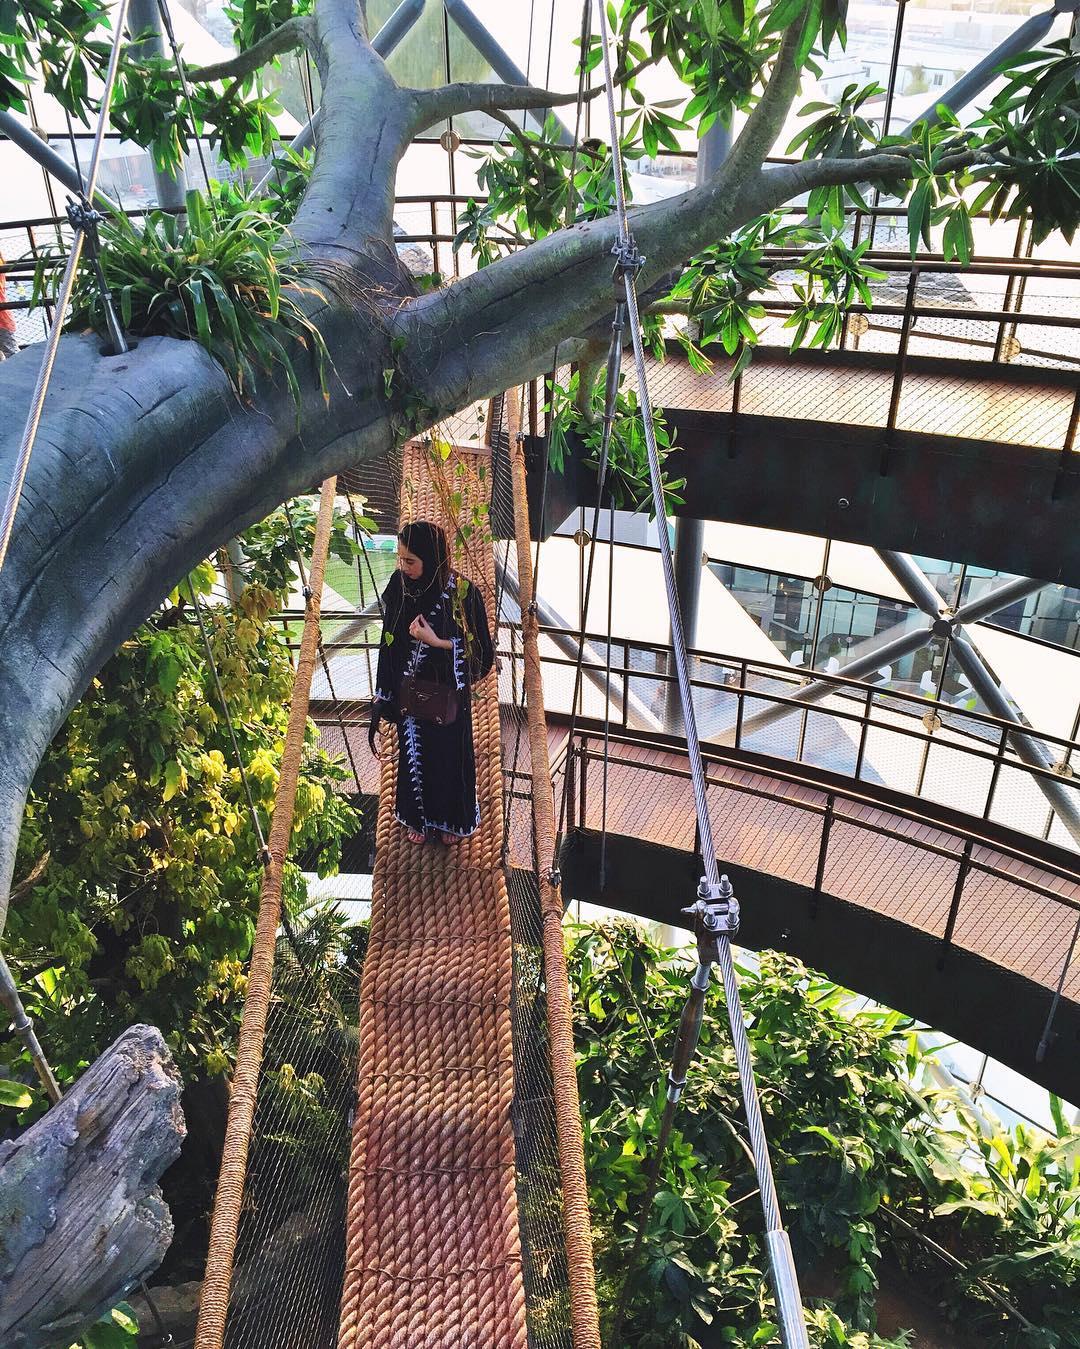 برای نزدیک شدن به درخت، بازدیکنندگان می بایست از پُلی طنابی که از دو سمت به سکوهای خارجی ساختمان متصل شده است، عبور کنند.